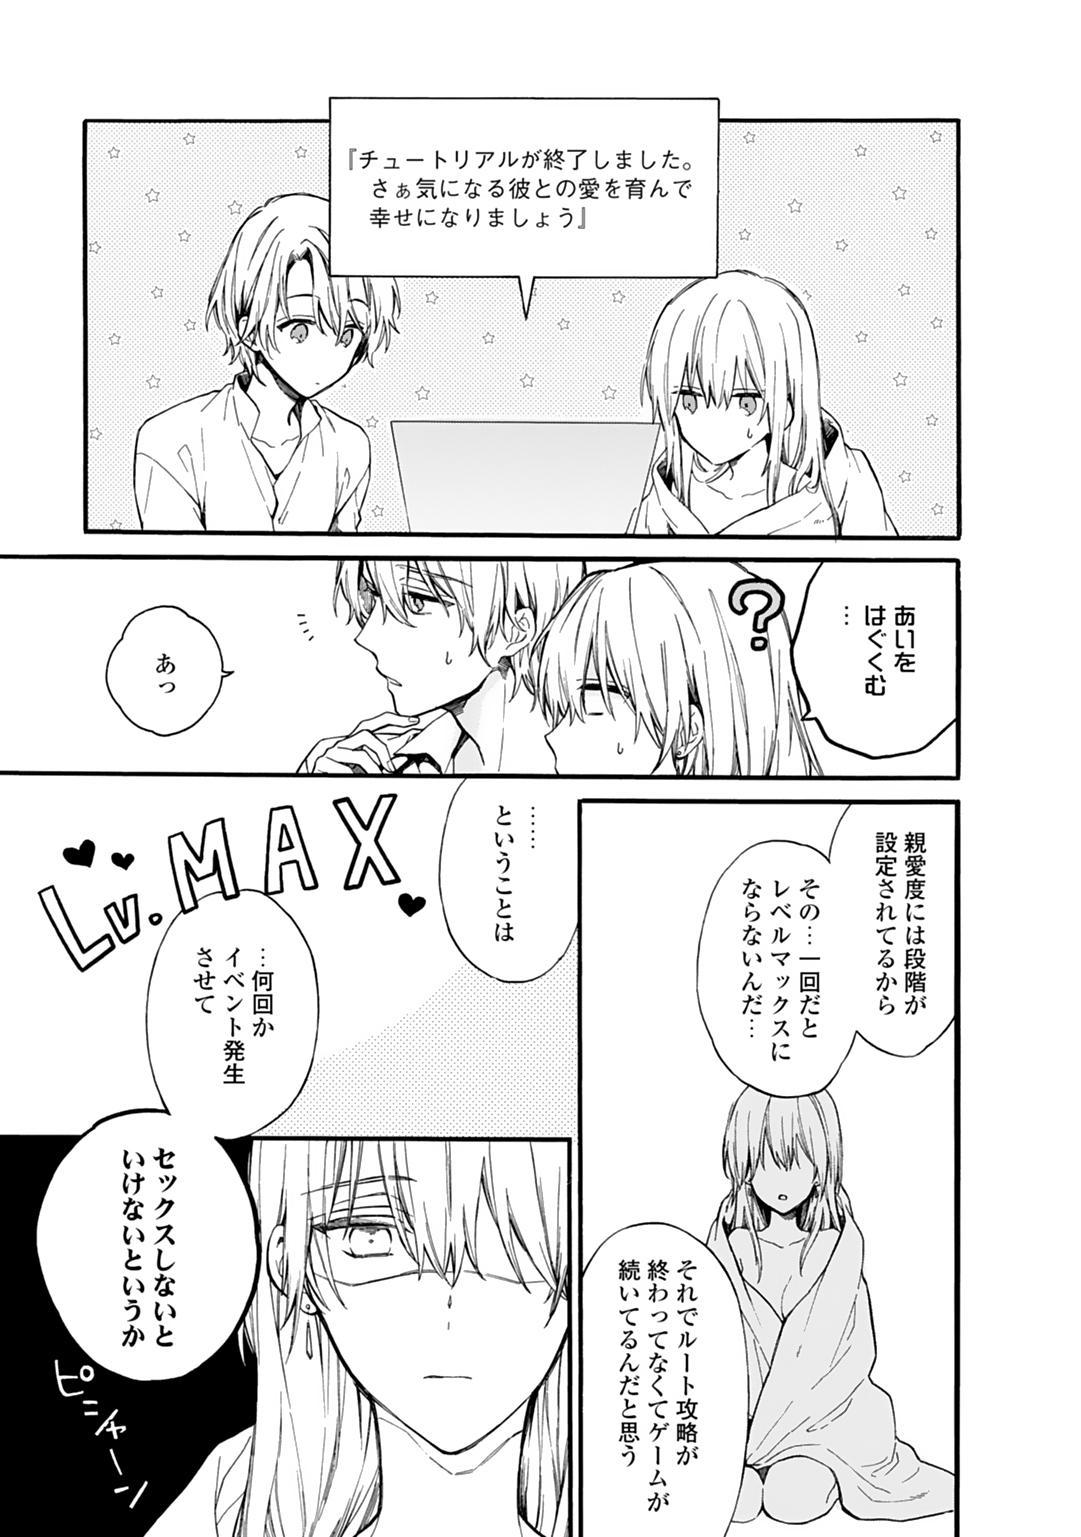 [Suzushiro Nerita] Otomege (18-kin) de Nyotaika shita Ore wa ~Clear Jouken wa Dekiai Ecchi!?~ 1-2 30